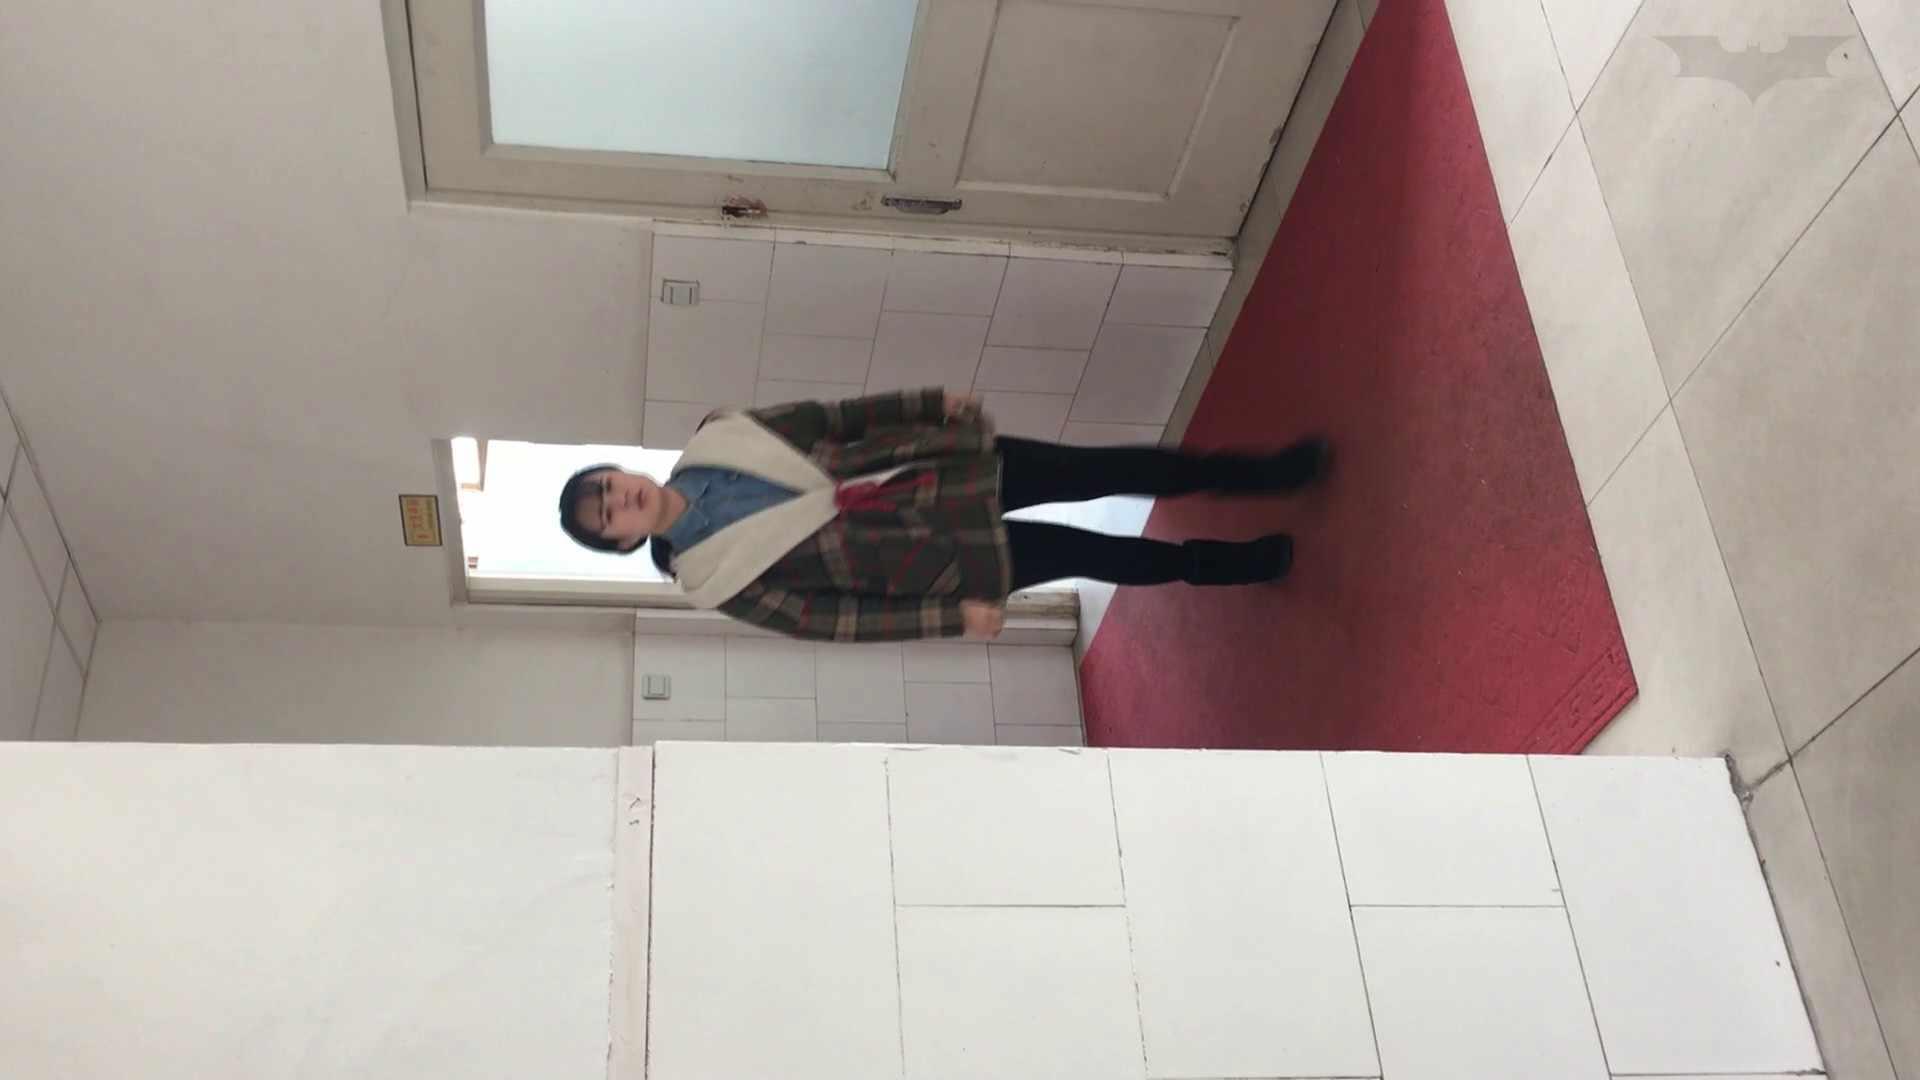 芸術大学ガチ潜入盗撮 JD盗撮 美女の洗面所の秘密 Vol.91 トイレ  72PIX 26